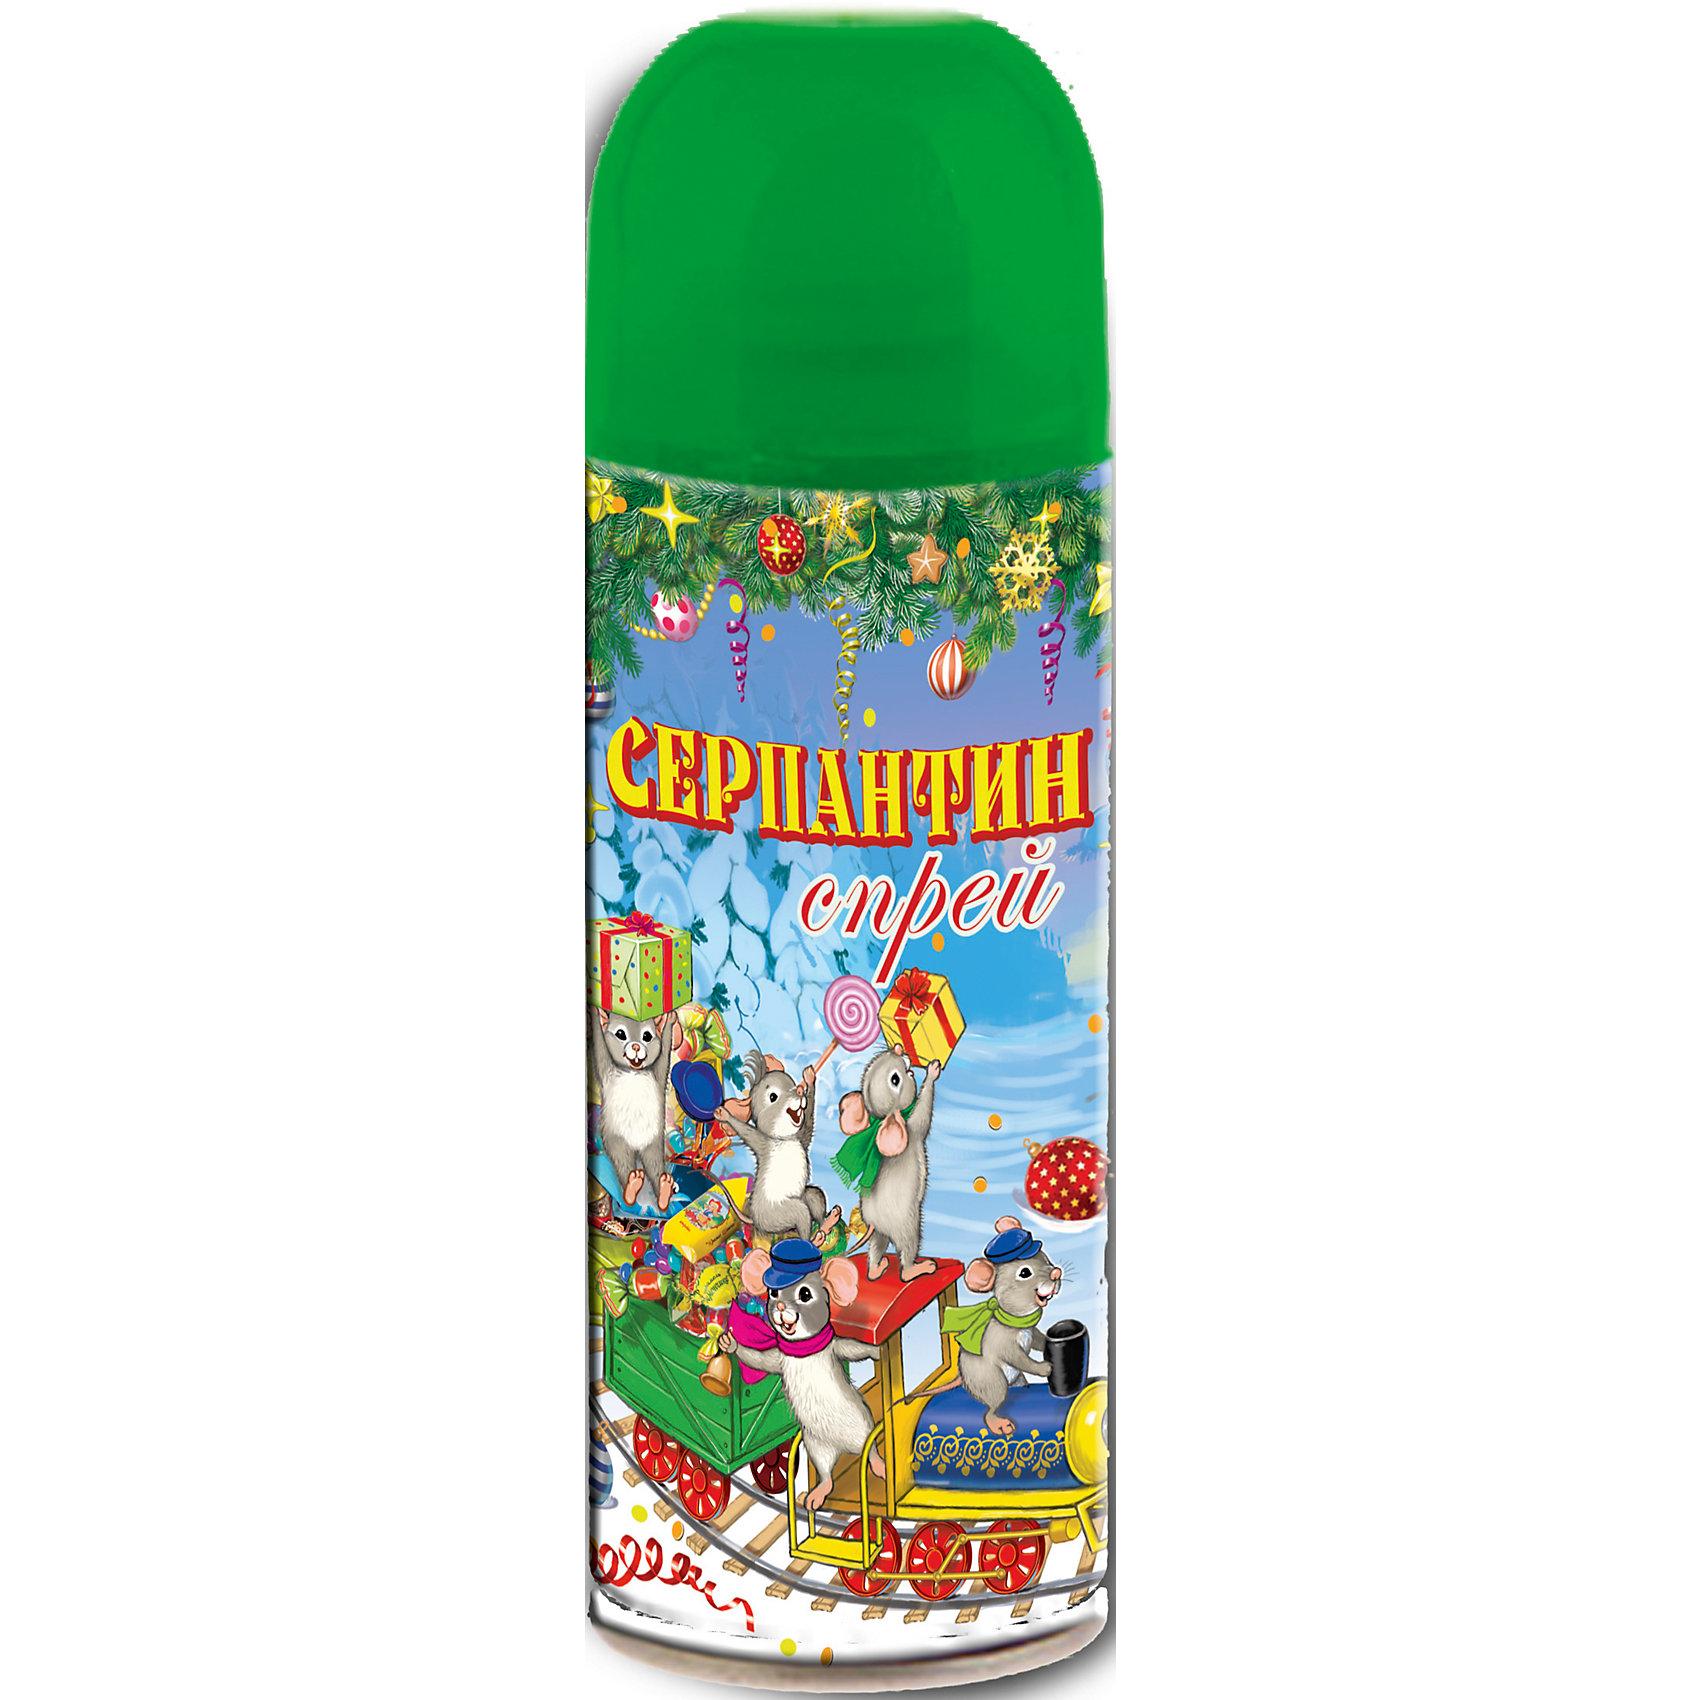 Серпантин синтетический зеленый в спрее, 250млВсё для праздника<br>Серпантин синтетический ЗЕЛЕНЫЙ в спрее арт.42384 для новогоднего декорирования(изобутан, тетрафторэтан, каолин, кальций карбонат, вода, глицерин, красители) / 5,2х17/ 250мл<br><br>Ширина мм: 170<br>Глубина мм: 50<br>Высота мм: 50<br>Вес г: 123<br>Возраст от месяцев: 60<br>Возраст до месяцев: 600<br>Пол: Унисекс<br>Возраст: Детский<br>SKU: 5144572